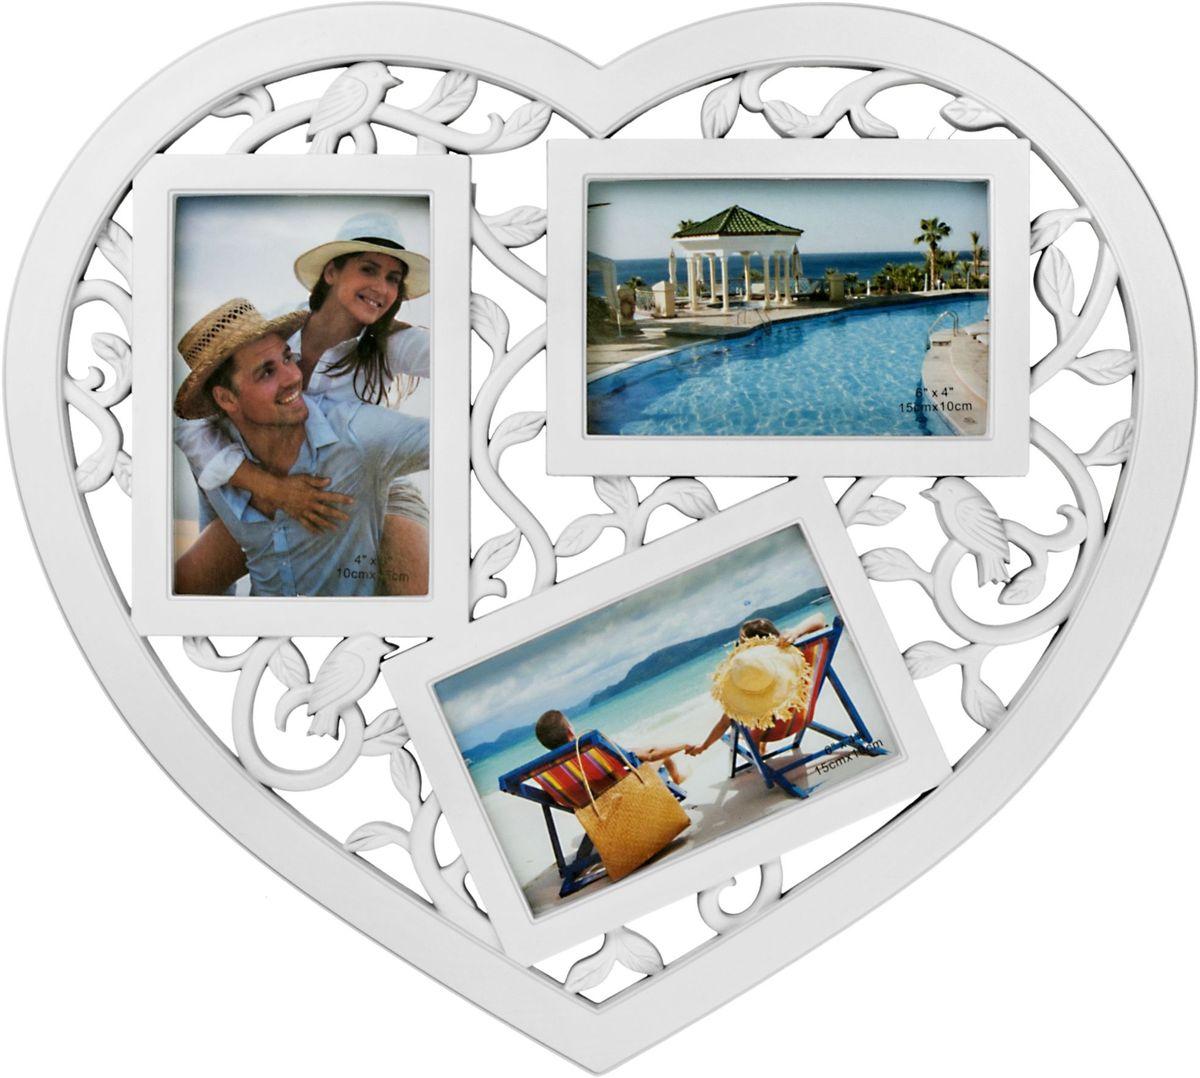 Фоторамка Platinum Сердце, цвет: белый, на 3 фото 10 х 15 смBIN-1122514-White-БелыйФоторамка Platinum Сердце - прекрасный способ красиво оформить ваши фотографии. Фоторамка выполнена из пластика в виде сердца и защищена стеклом. Фоторамка-коллаж представляет собой три фоторамки для фото одного размера оригинально соединенных между собой. Такая фоторамка поможет сохранить в памяти самые яркие моменты вашей жизни, а стильный дизайн сделает ее прекрасным дополнением интерьера комнаты.Фоторамка подходит для фотографий 10 х 15 см.Общий размер фоторамки: 41 х 38 см.